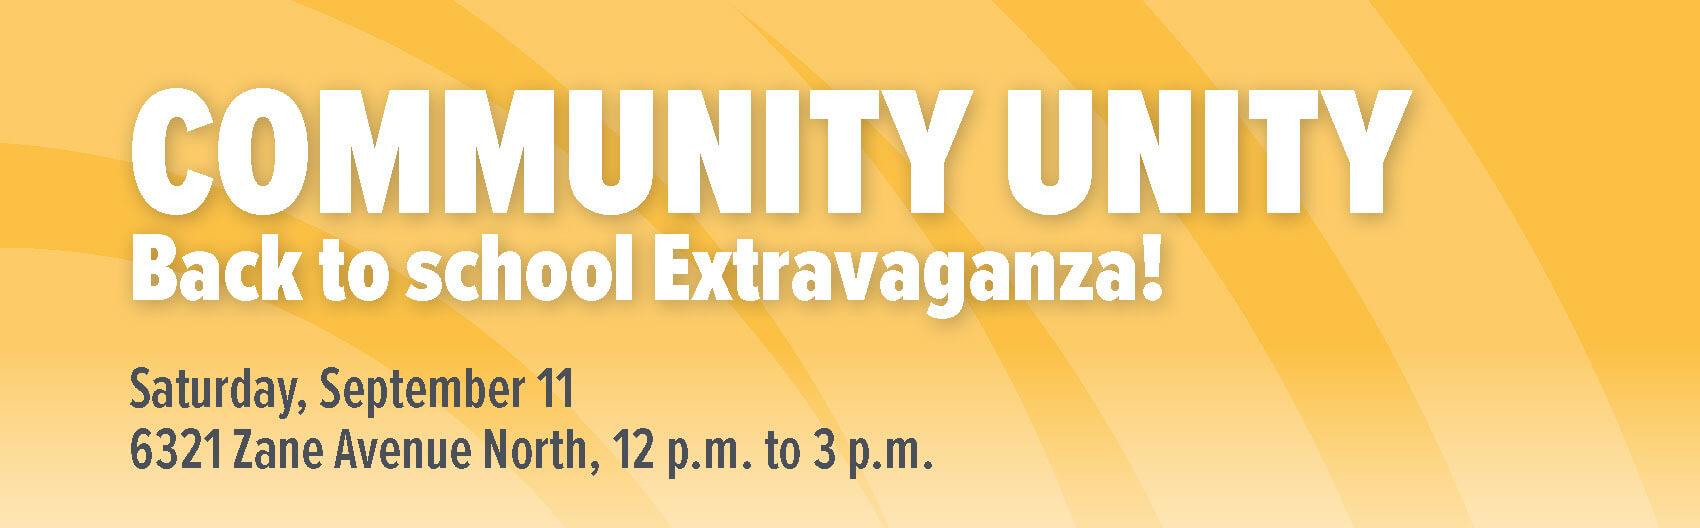 Community Unity Back to School Extravaganza